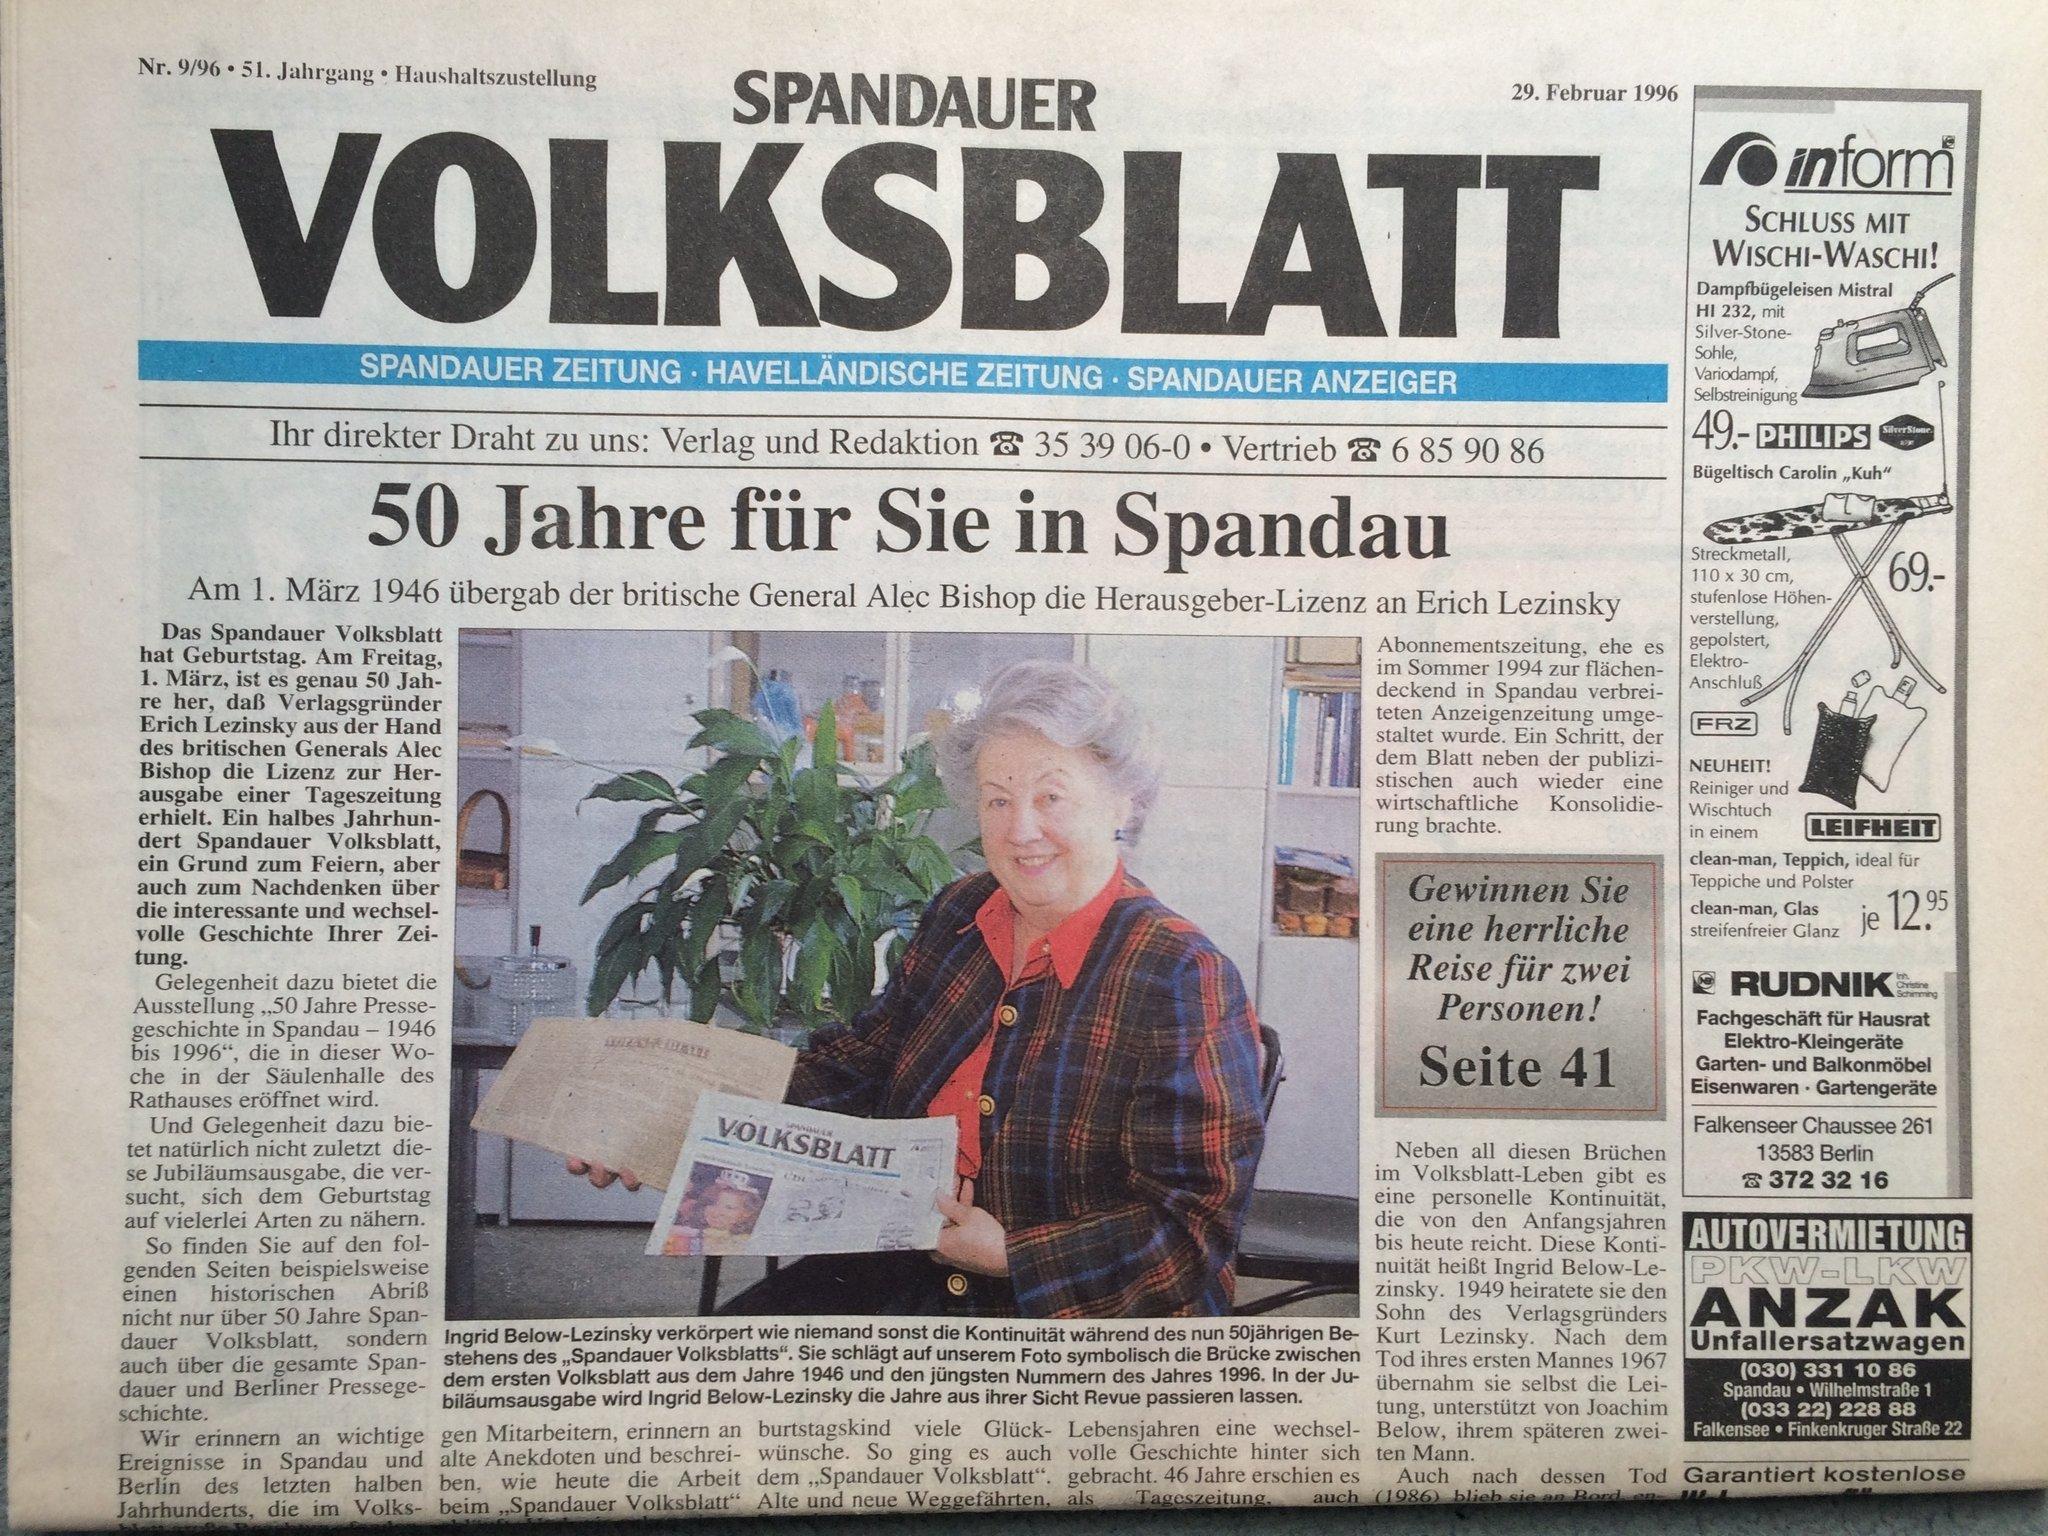 Spandauer volksblatt er sucht sie